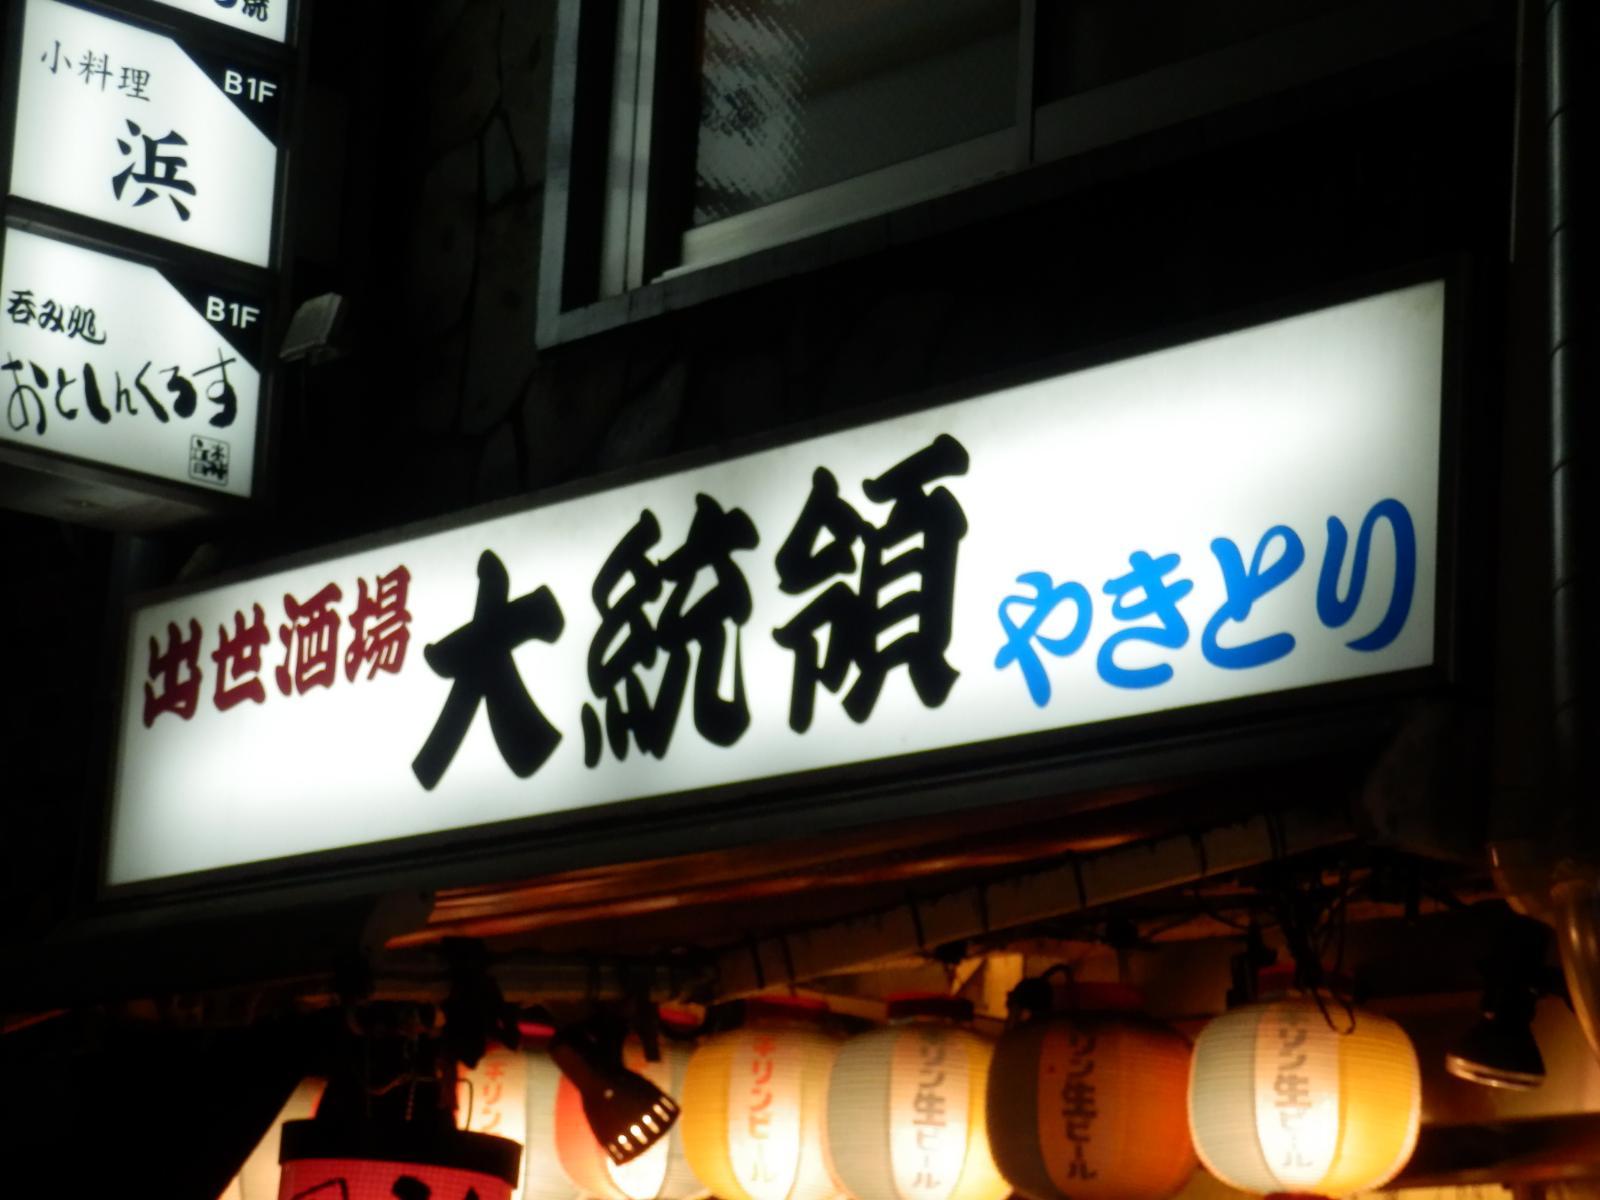 東京 出世 サワー